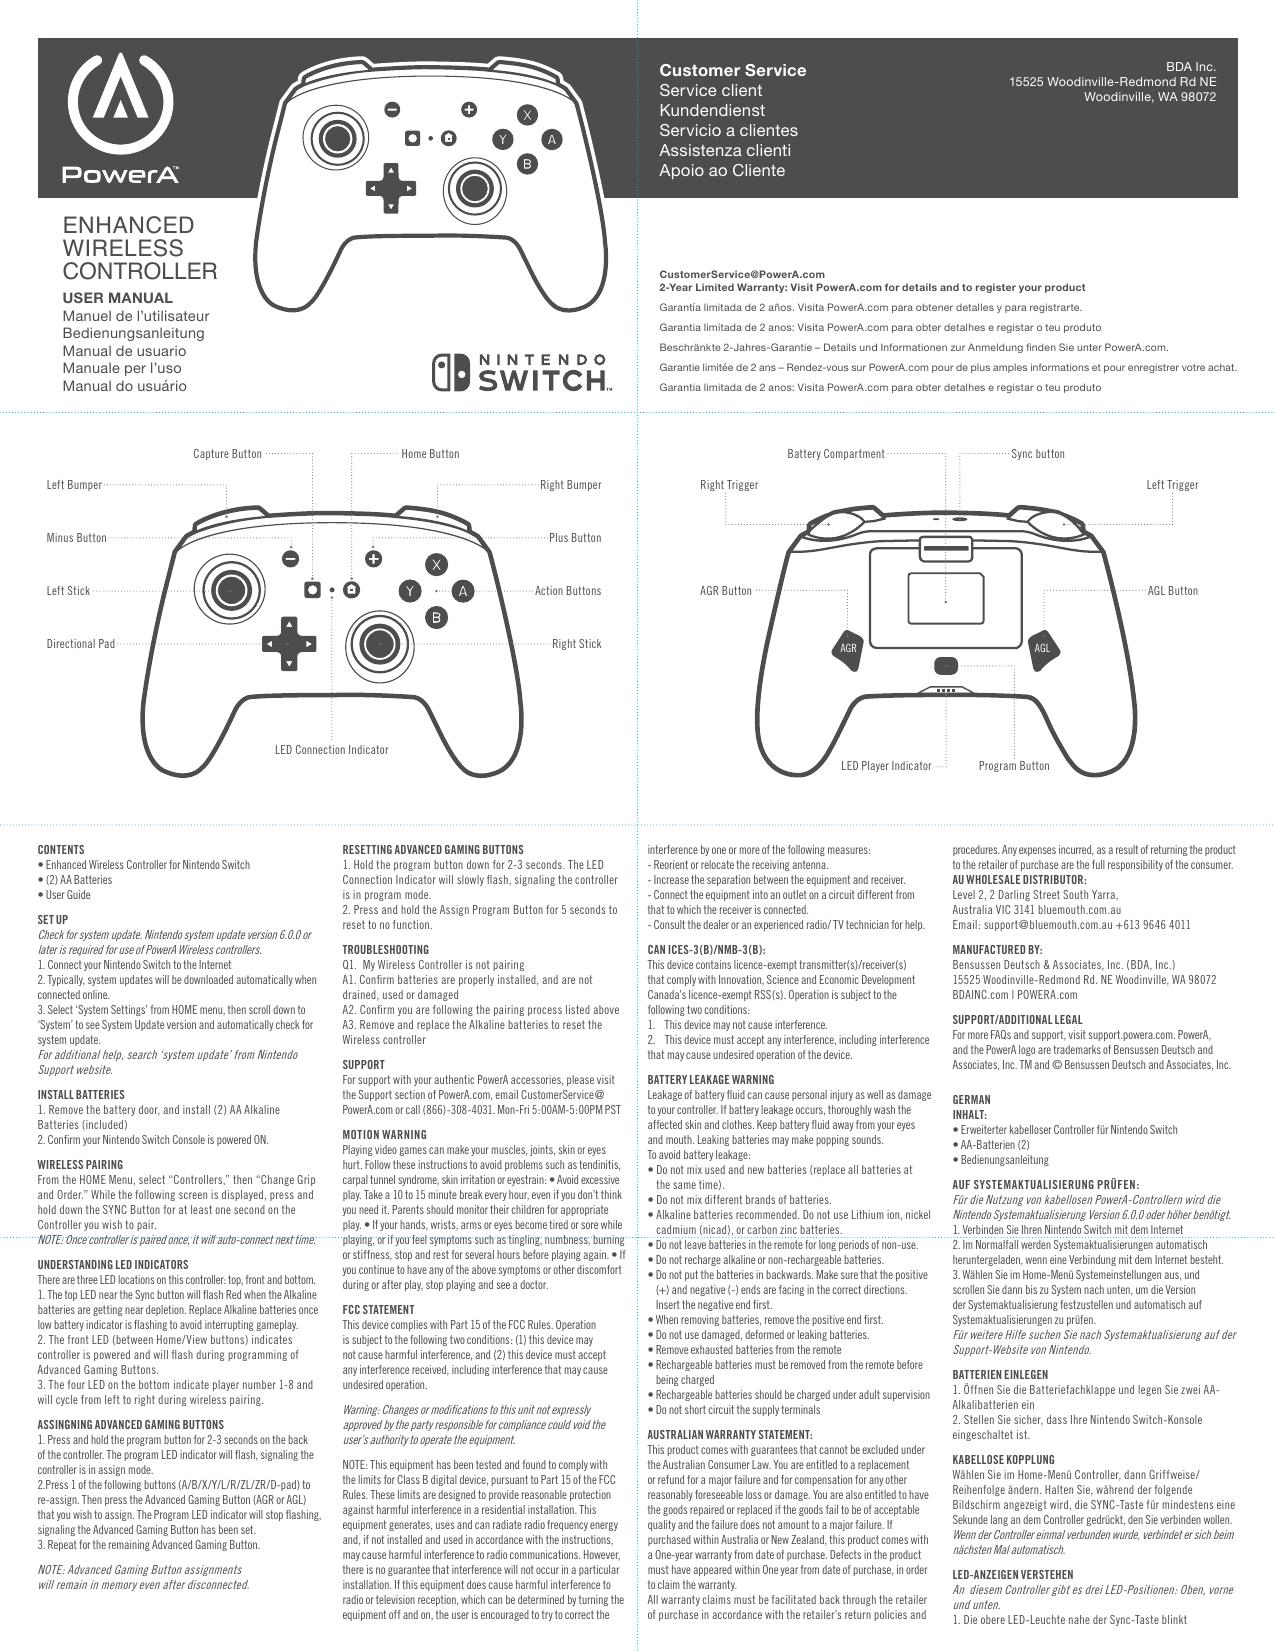 Bensussen Deutsch And Associates 1507507da Enhanced Wireless Controller For Nintendo Switch